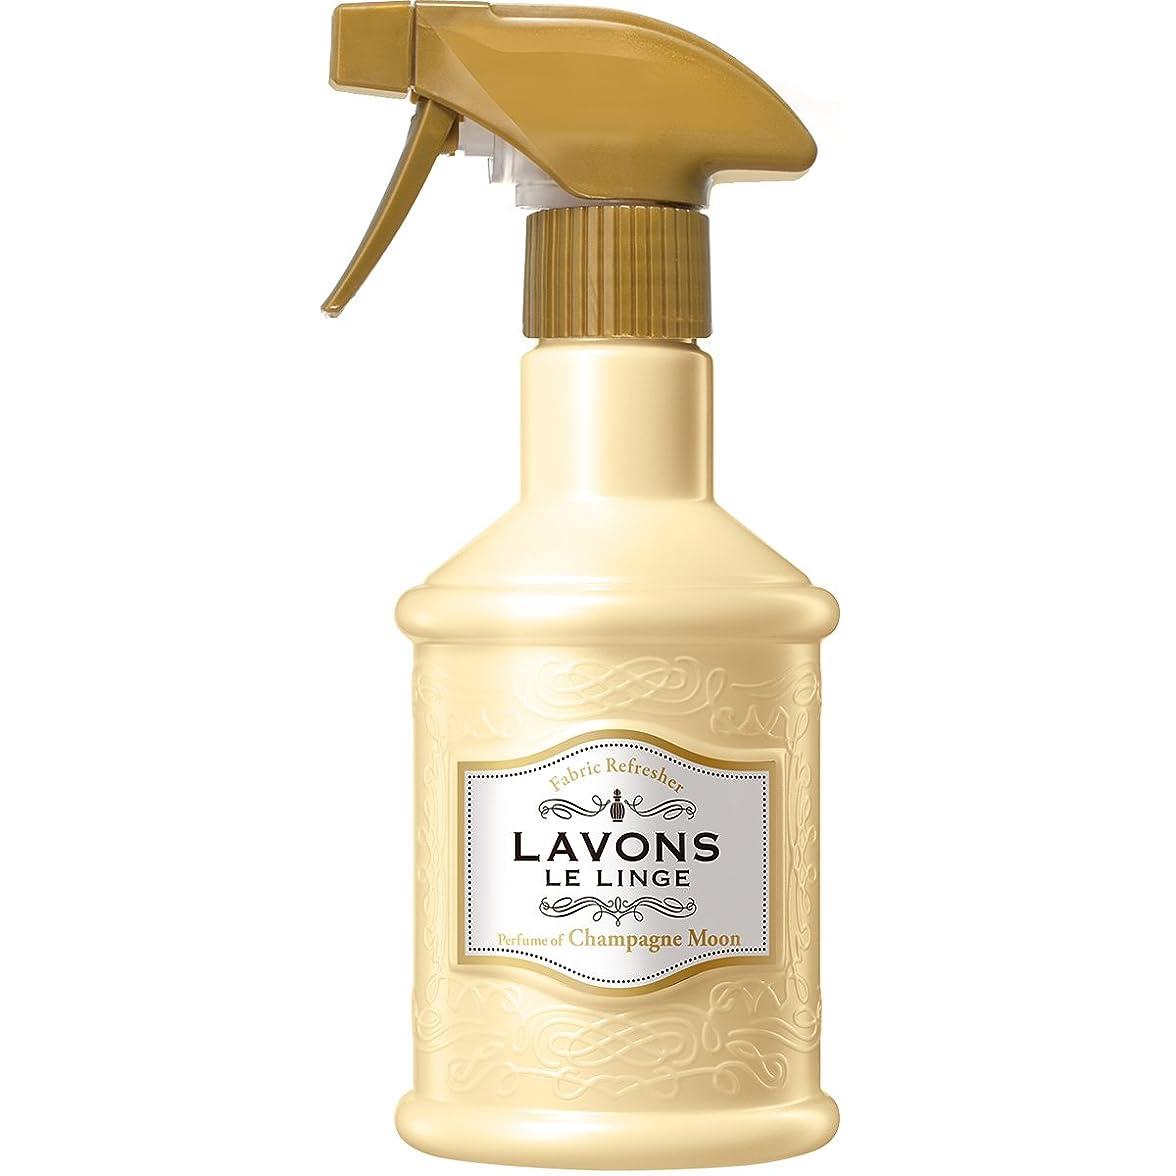 刺激する無駄な雑草ラボン ファブリックミスト シャンパンムーンの香り 370ml